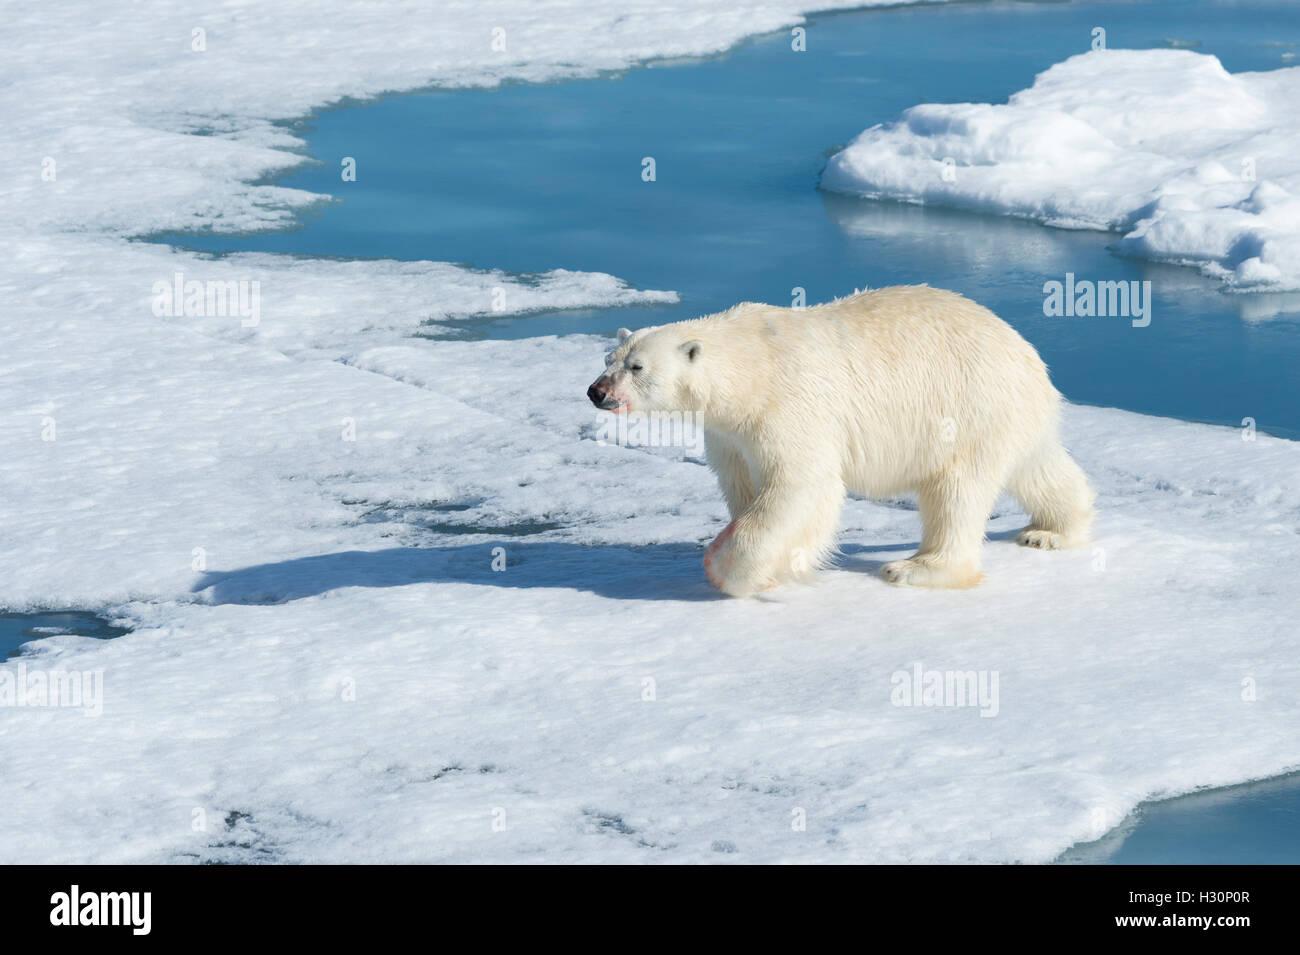 Macho el oso polar (Ursus maritimus) caminando sobre el hielo, la isla de Spitsbergen, el archipiélago de Svalbard, Imagen De Stock